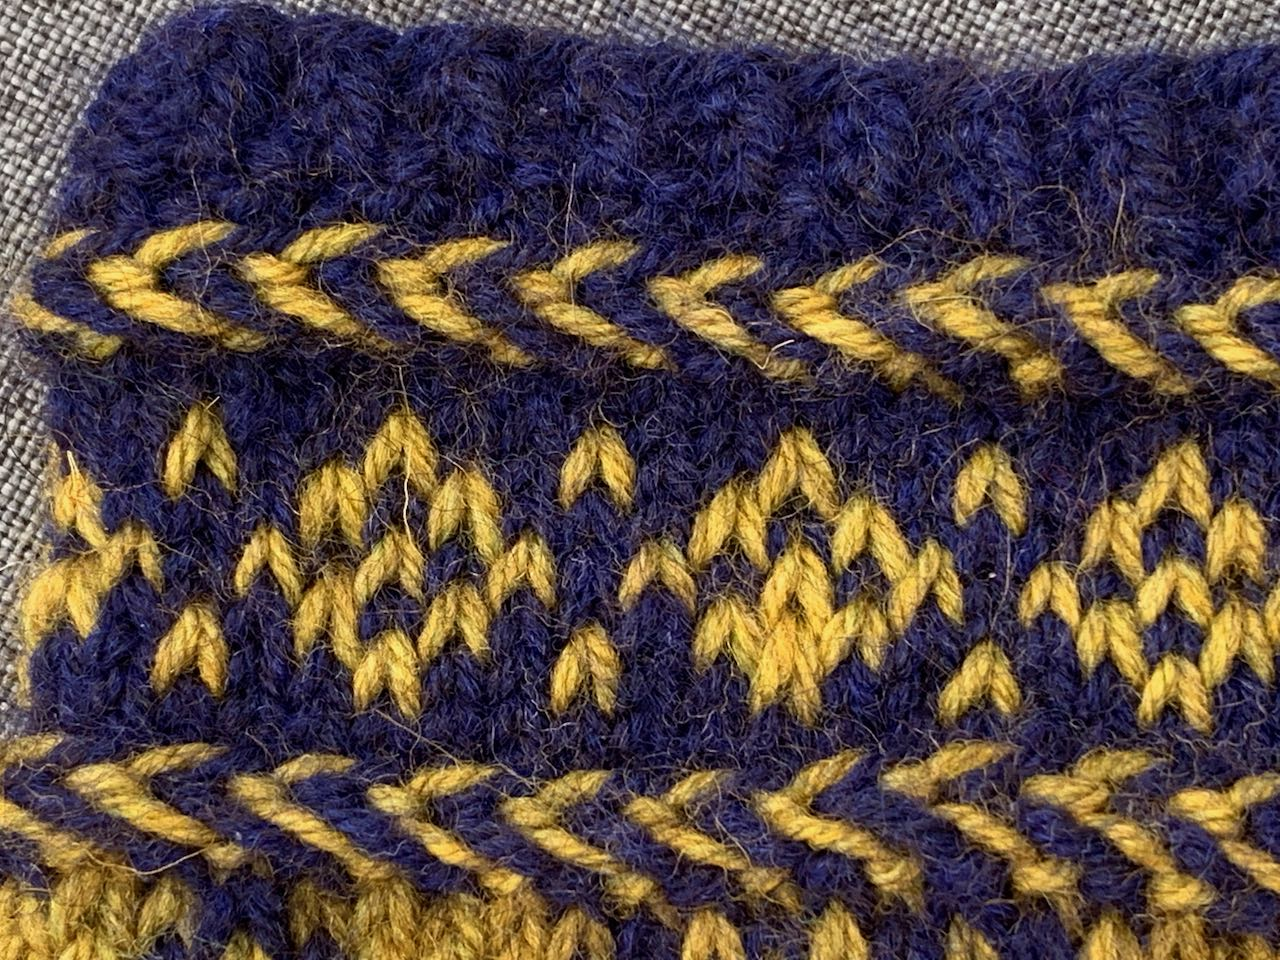 Die lettische Borte mit Musterstreifen für die Socken im lettischen Stil, den KerstaSocks